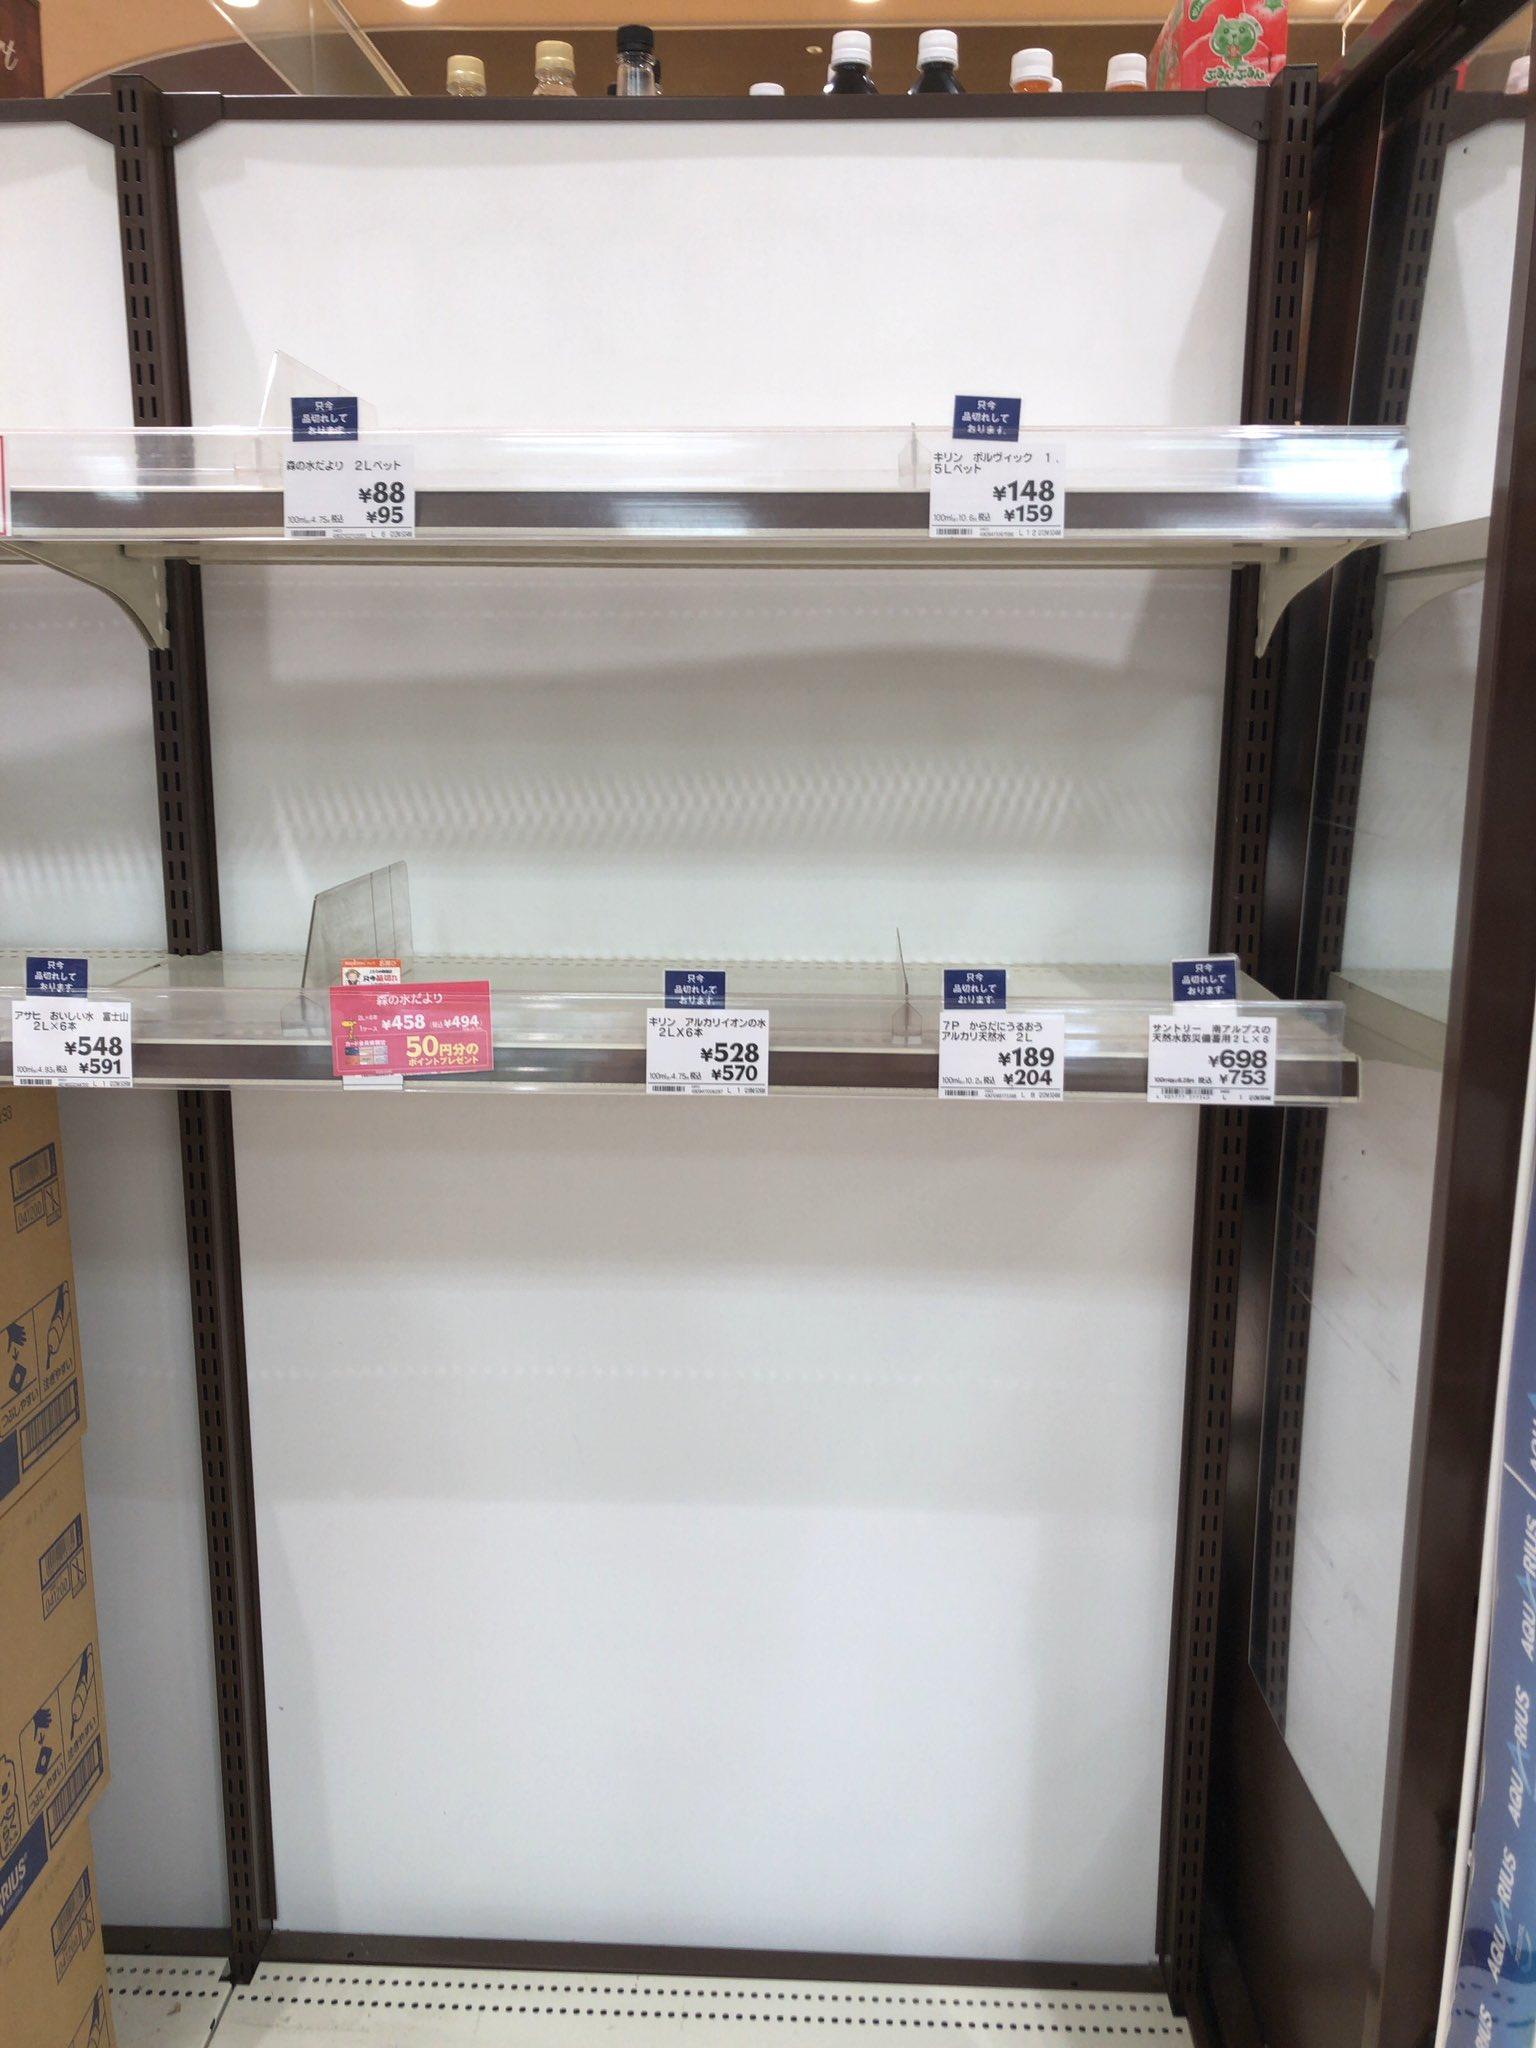 画像,#台風#備蓄私が平日住んでいる所は千葉の前回の台風であまり大きな被災は無い地域だけど今日スーパーに行ったら2Lのお水のペットボトルが完売で3件回ったけど全て完売…